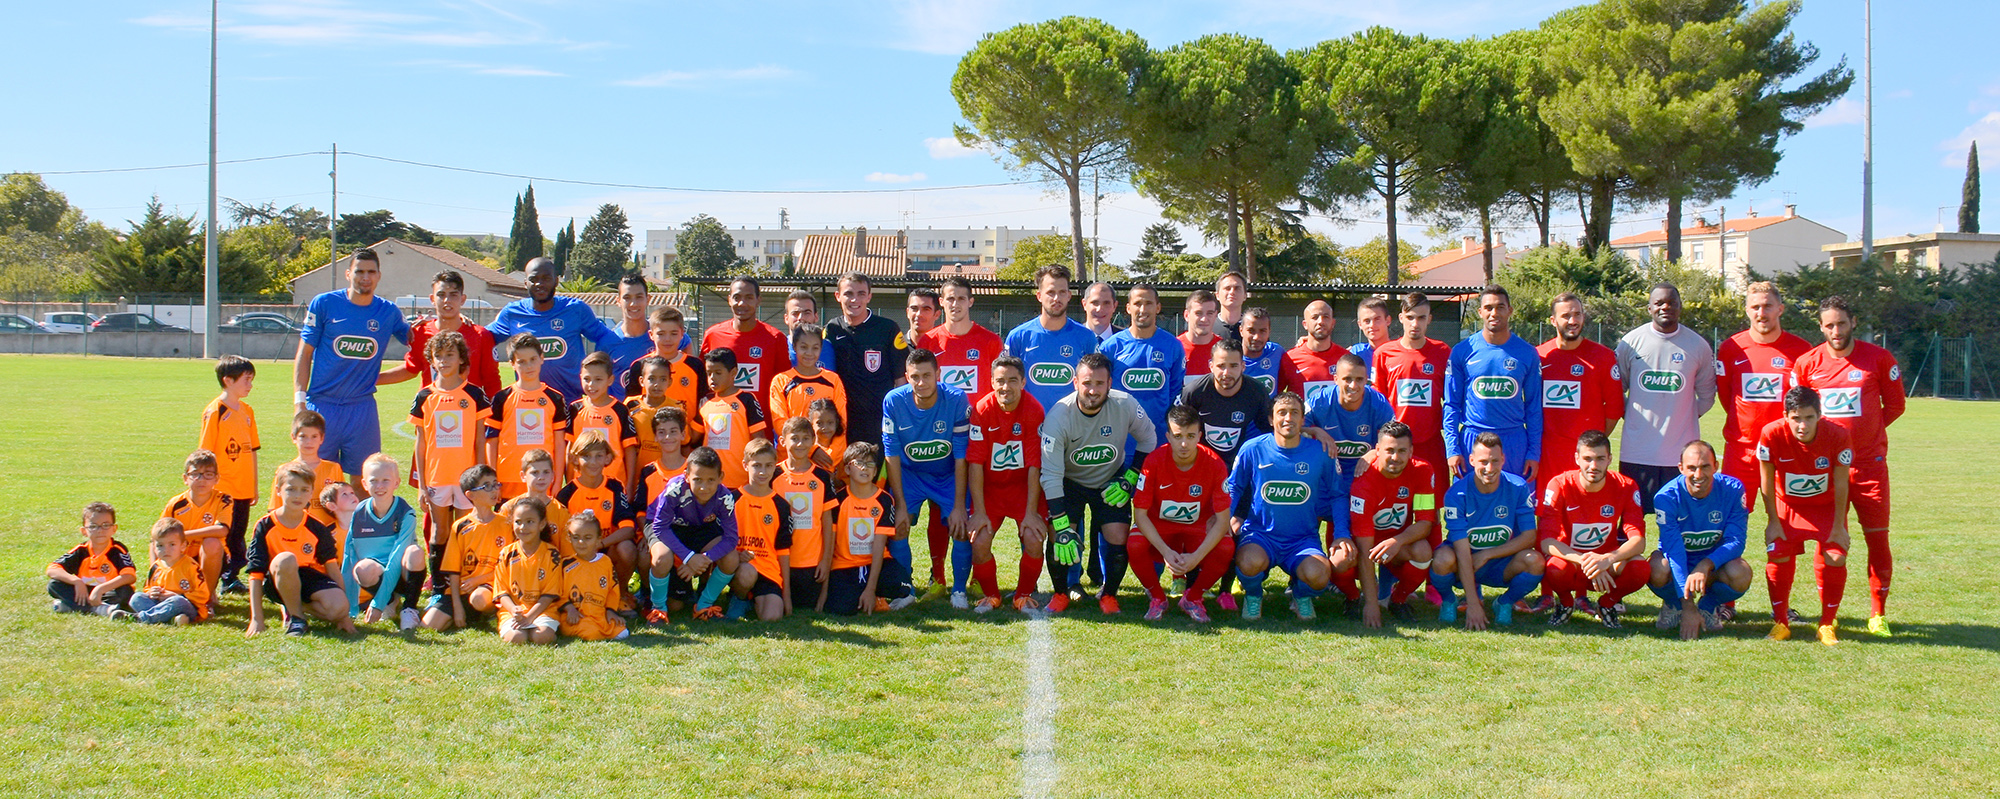 Football coupe de france les tr b ens tombent avec les honneurs a tr bes - Coupe de france 2015 foot ...